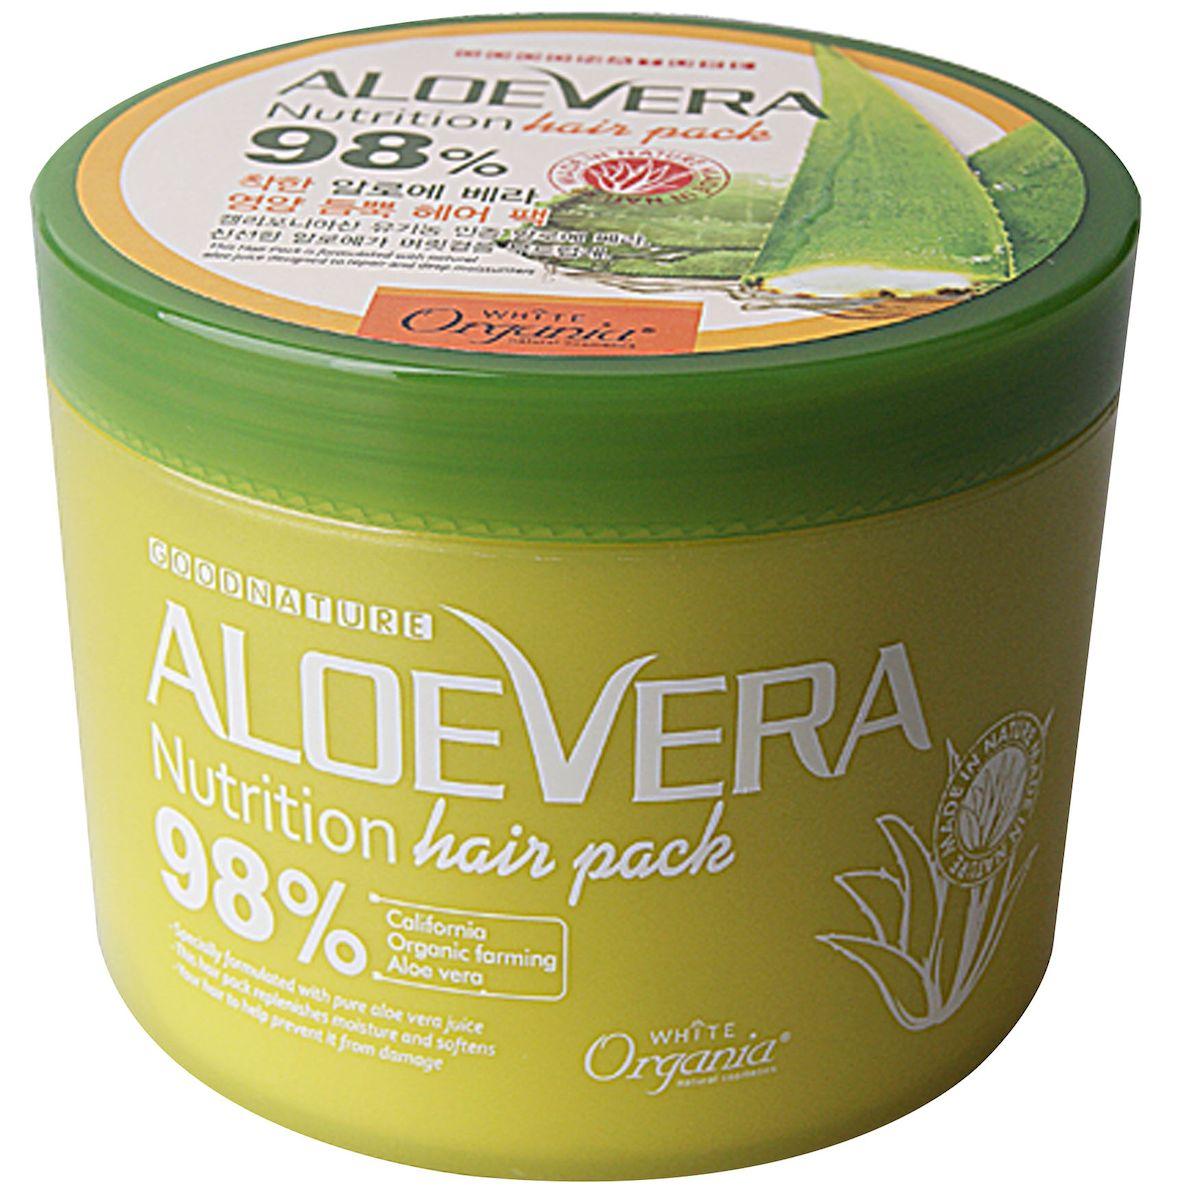 Whitecospharm Увлажняющая и питательная маска для волос White Organia с соком листьев алоэ и маслом оливы, 500 мл456899Маска оказывает заметное интенсивное питательное и оздоровительное воздействие на ослабленные волосы за счет способности активных компонентов проникать глубоко в структуру волоса. - Сок алоэ увлажняет, а масло оливы питает волосы по всей длине - Маска восстанавливает наружный защитный слой волоса – кутикулу, придавая волосам здоровый блеск и гладкость - Не утяжеляет волосы, облегчает расчесывание и укладку - Рекомендована в качестве дополнительного ухода совместно с обычным ежедневным уходом за волосами Способ применения: нанесите маску на чистые волосы, оставьте на 5-10 минут, затем тщательно промойте водой. Рекомендуется использовать 1-2 раза в неделю. Меры предосторожности: при попадании средства в глаза промойте их проточной водой. Храните в недоступном для детей месте.